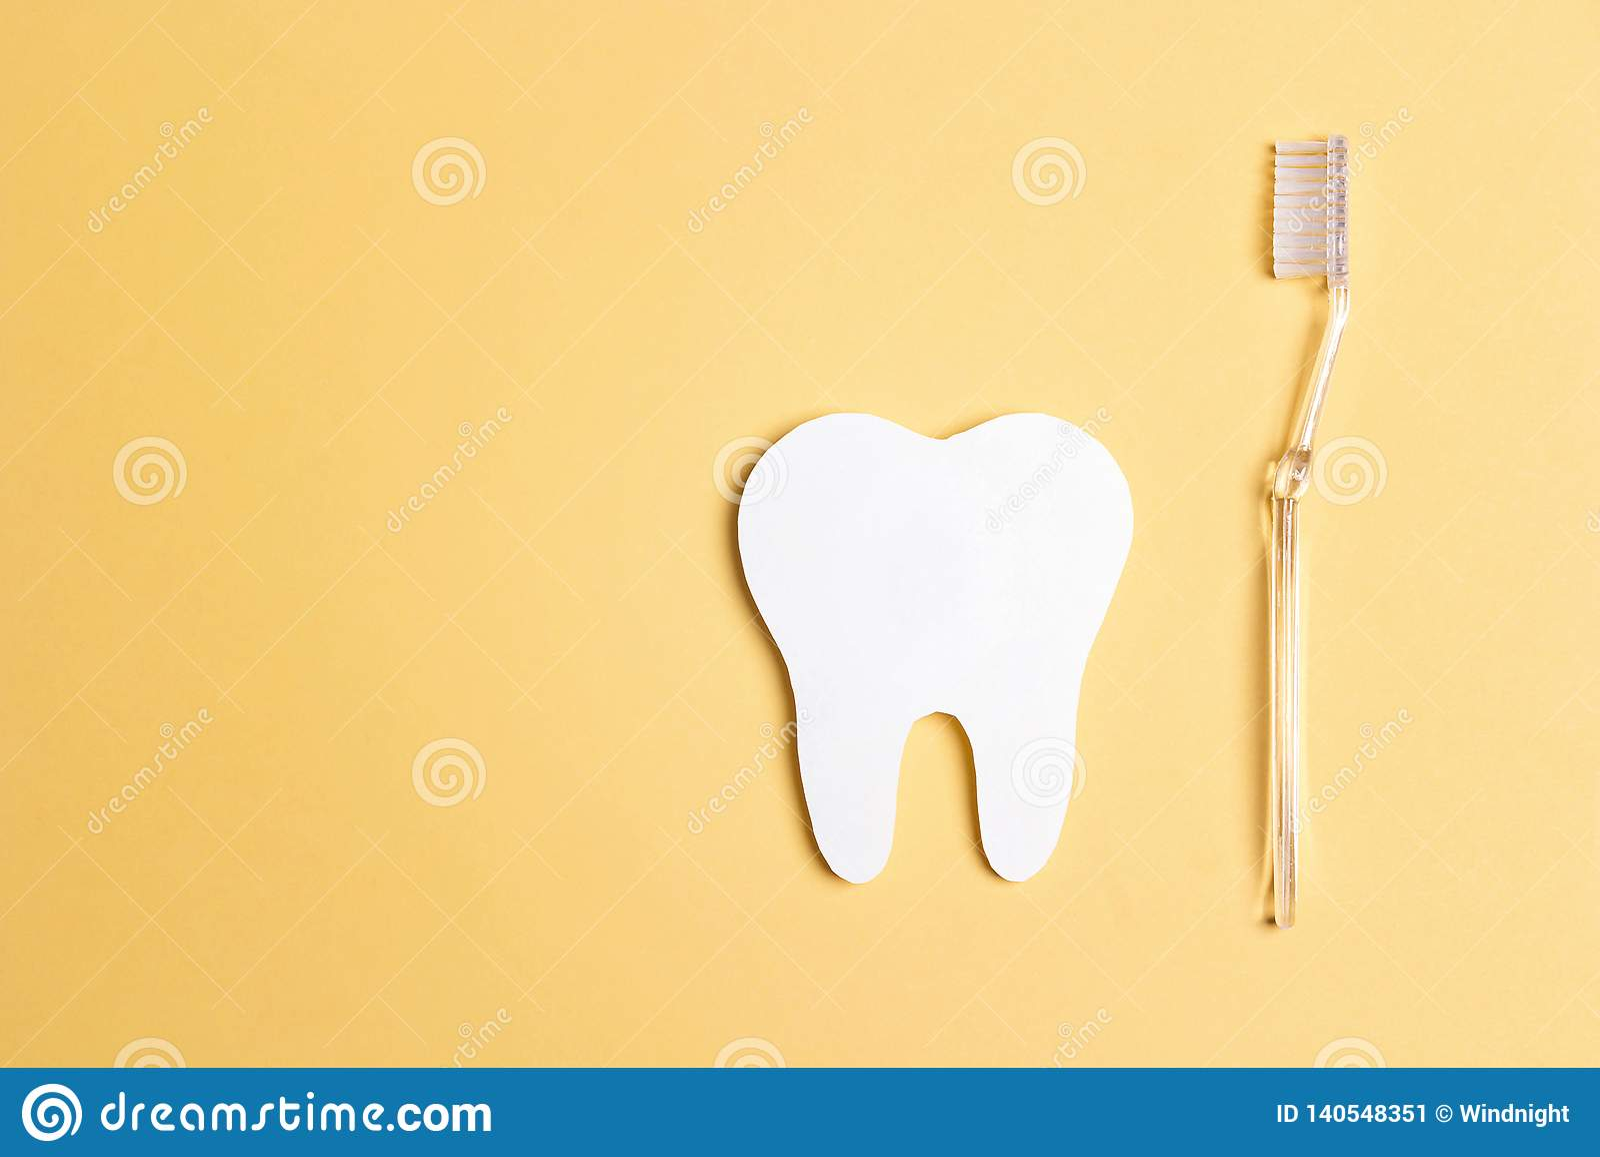 Δόντι της Λευκής Βίβλου με την οδοντόβουρτσα στο κίτρινο υπόβαθρο Έννοια οδοντικής υγείας Έννοια ημέρας οδοντιάτρων